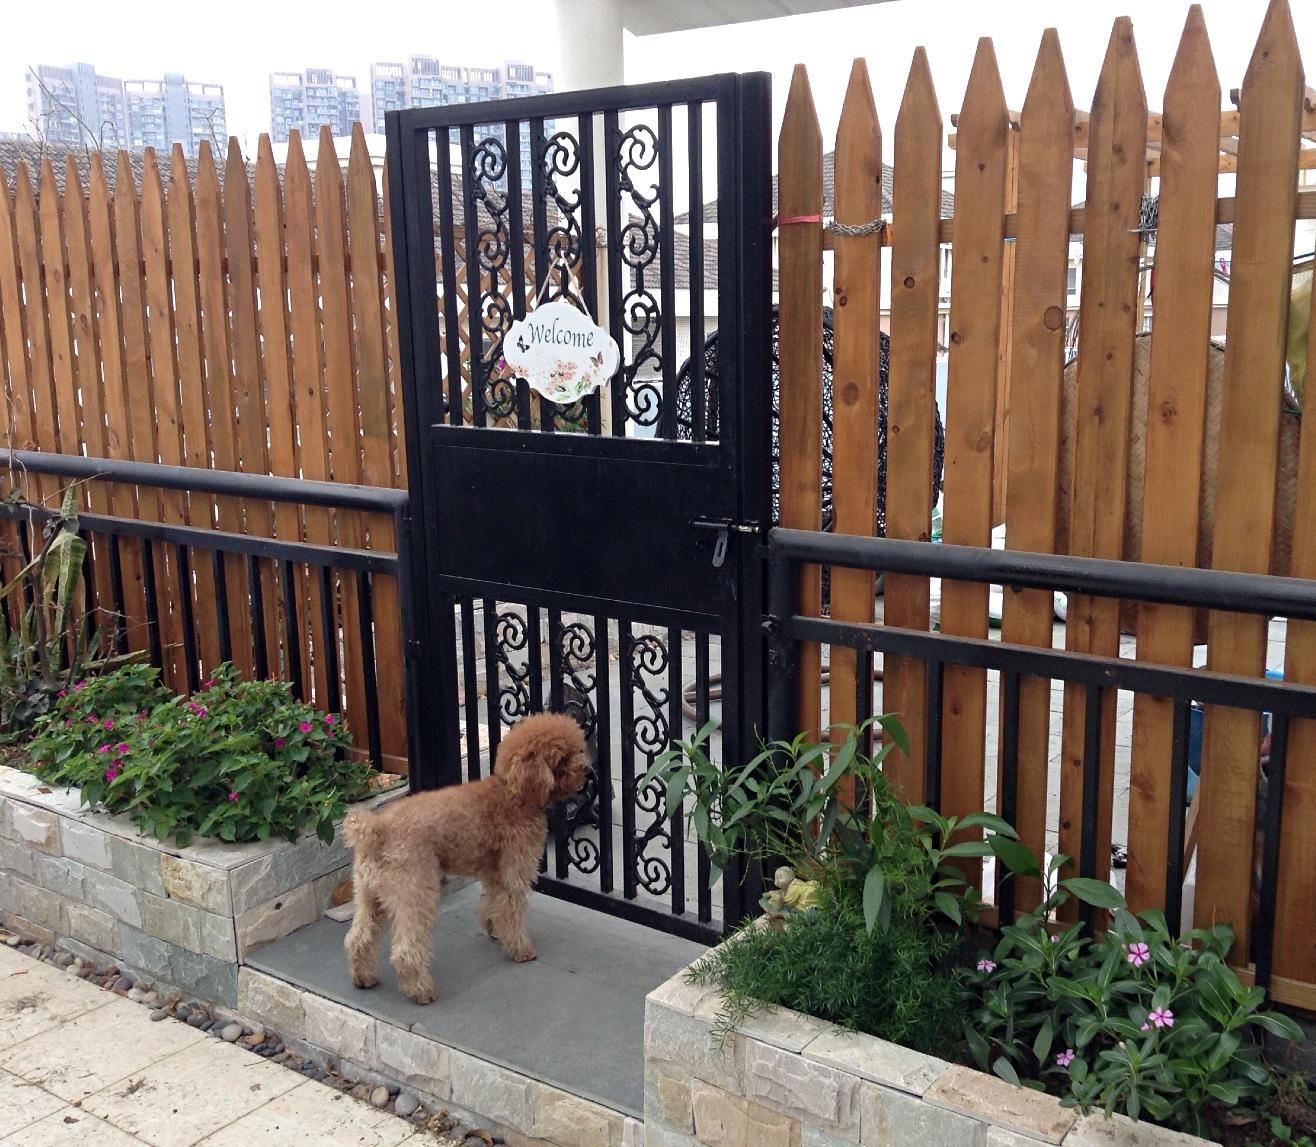 防腐木栅栏也很喜欢.花池里面做了防水,外面贴的文化石.